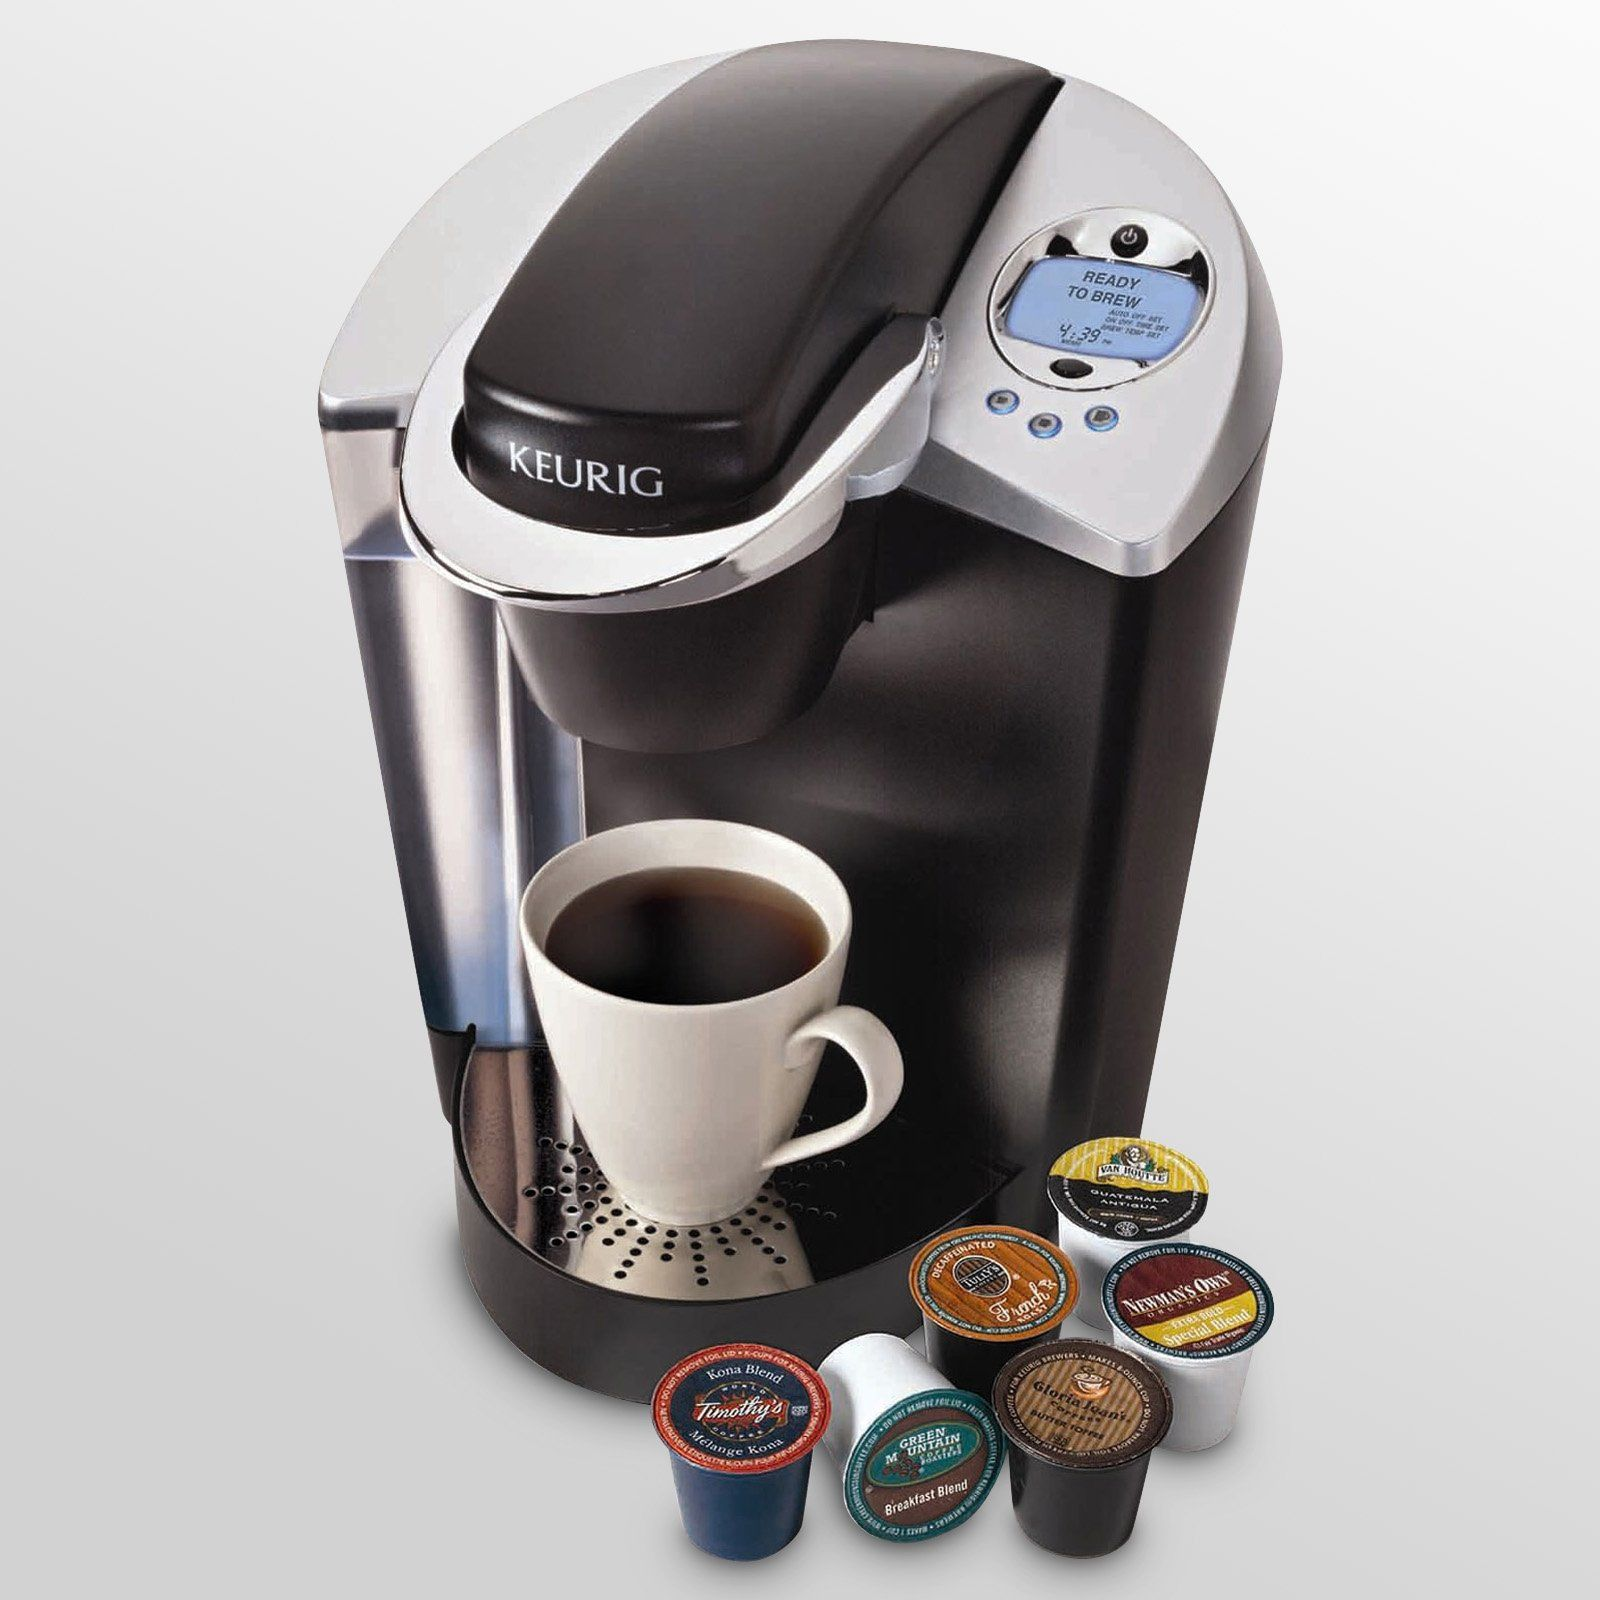 Keurig B60 Single Cup Coffee Maker $149.99